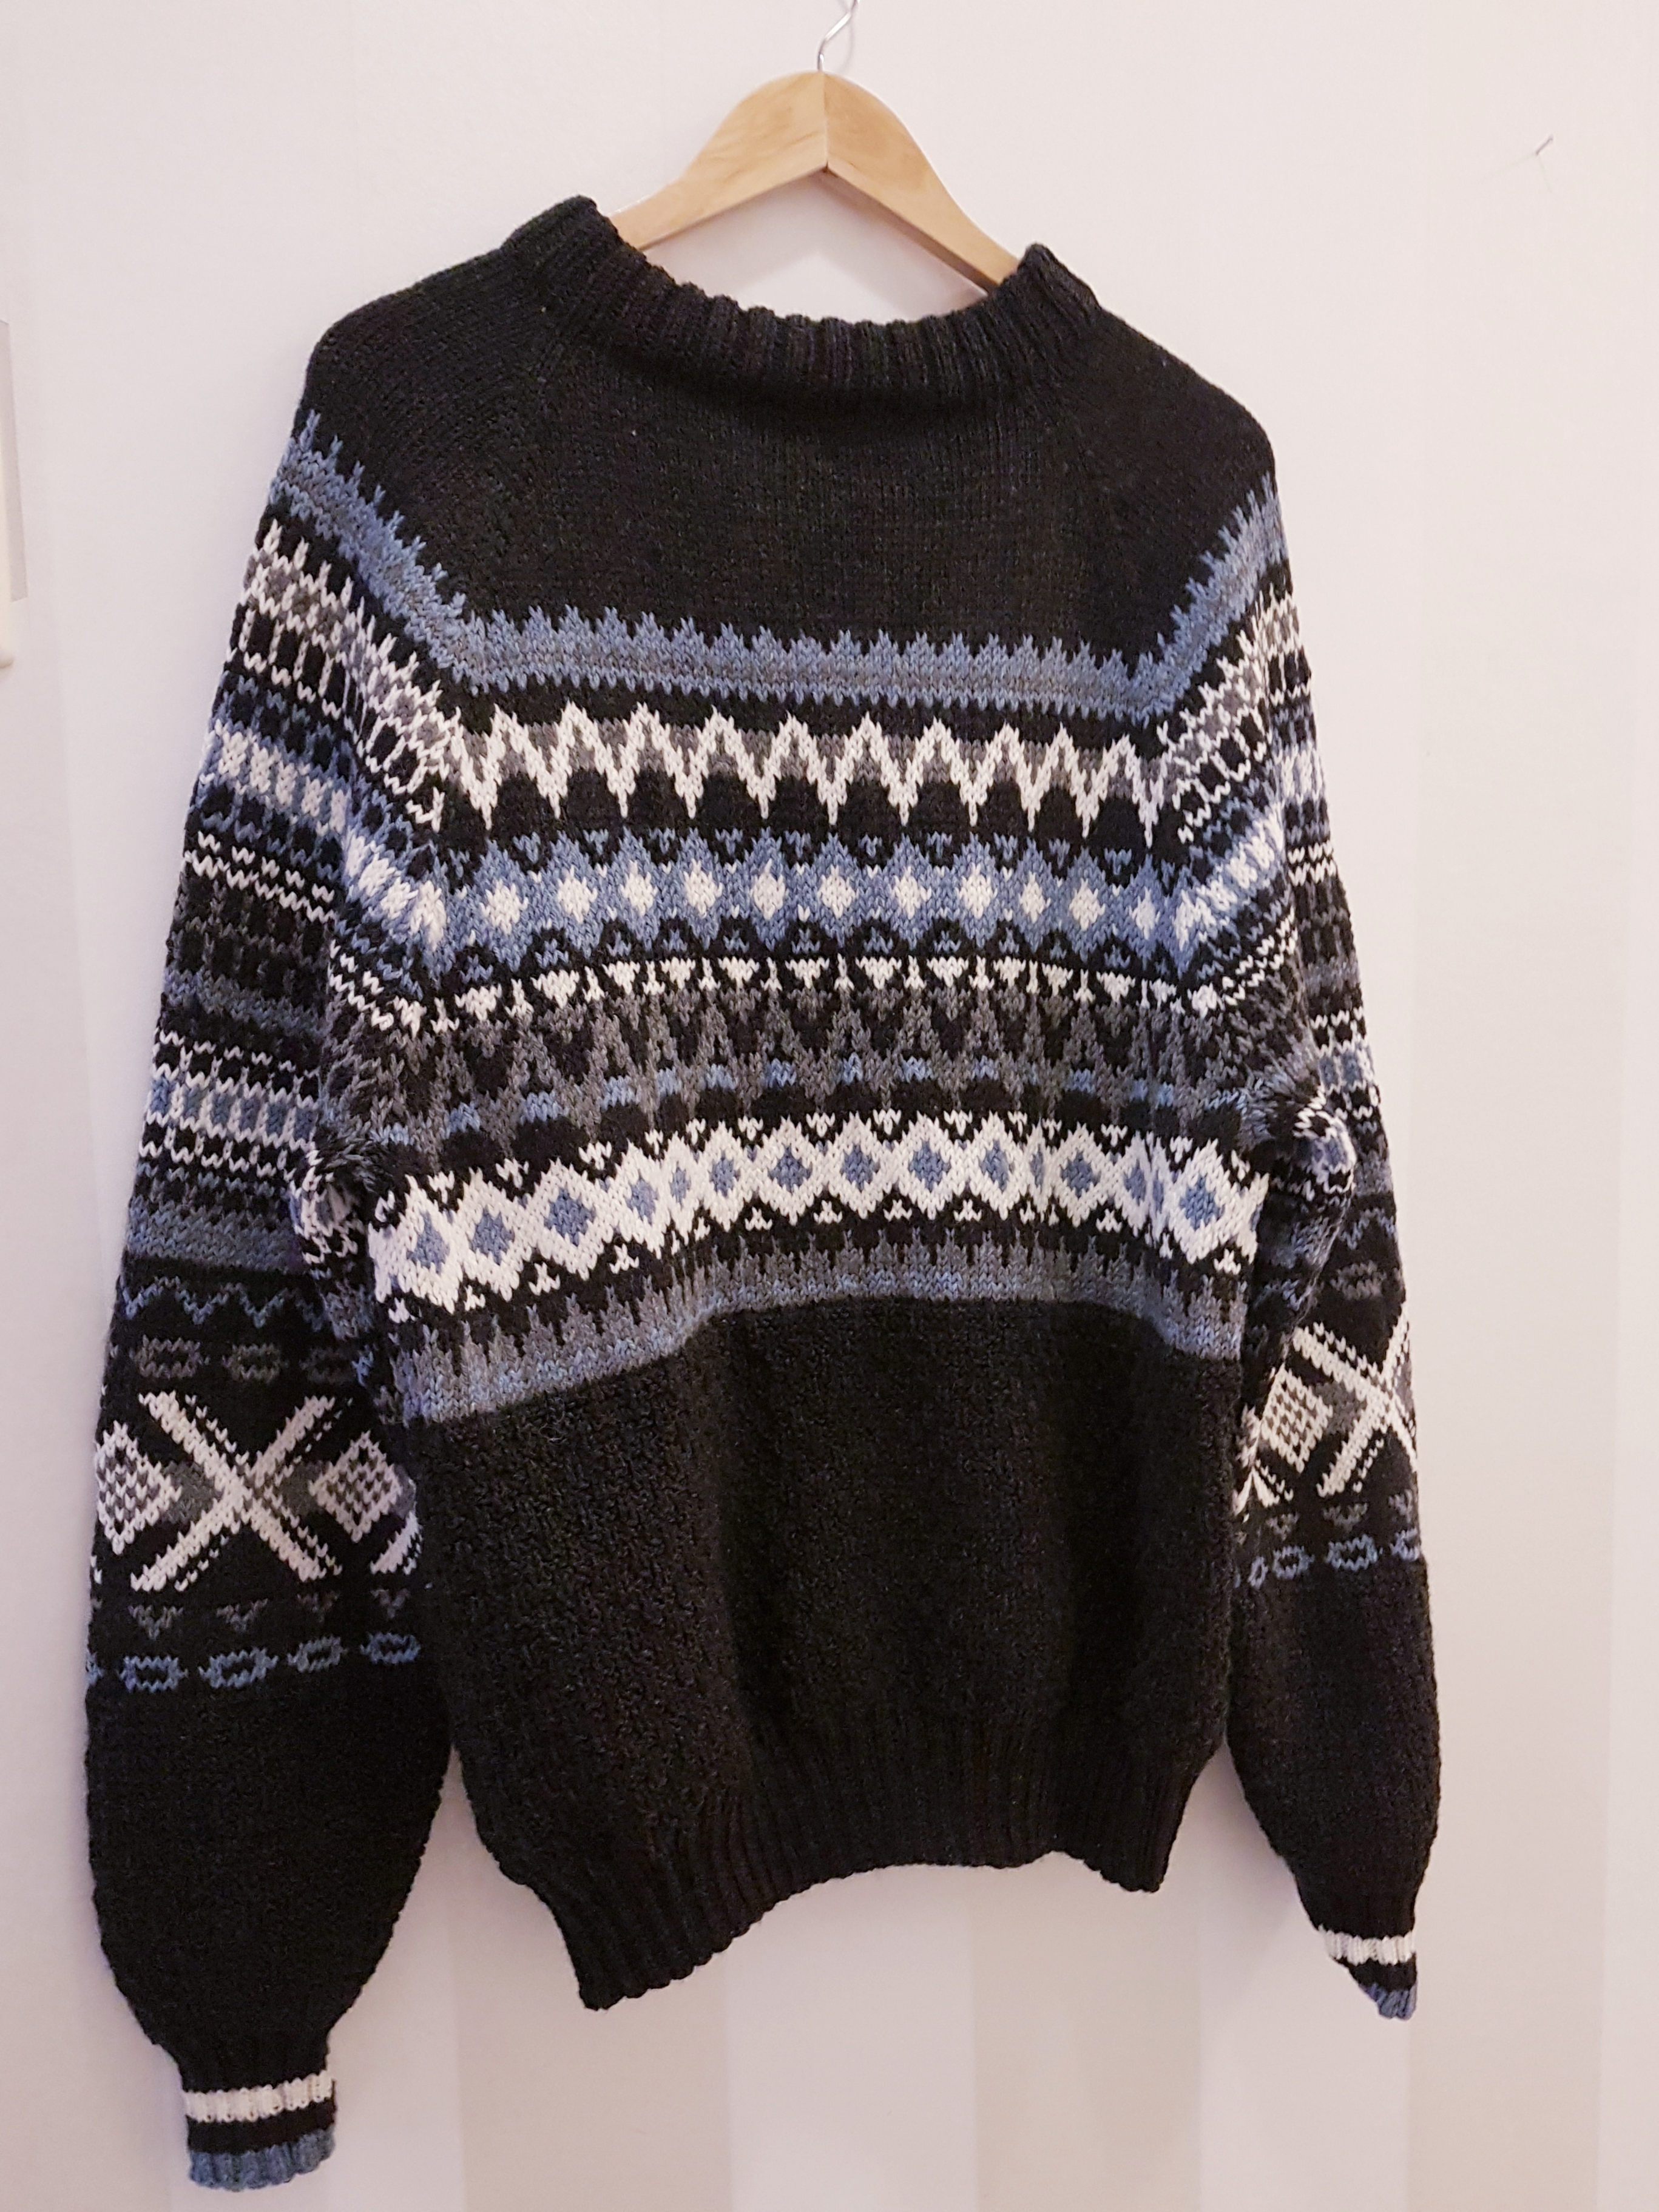 Hva er forskjellen mellom en genser og en genser. Hva er